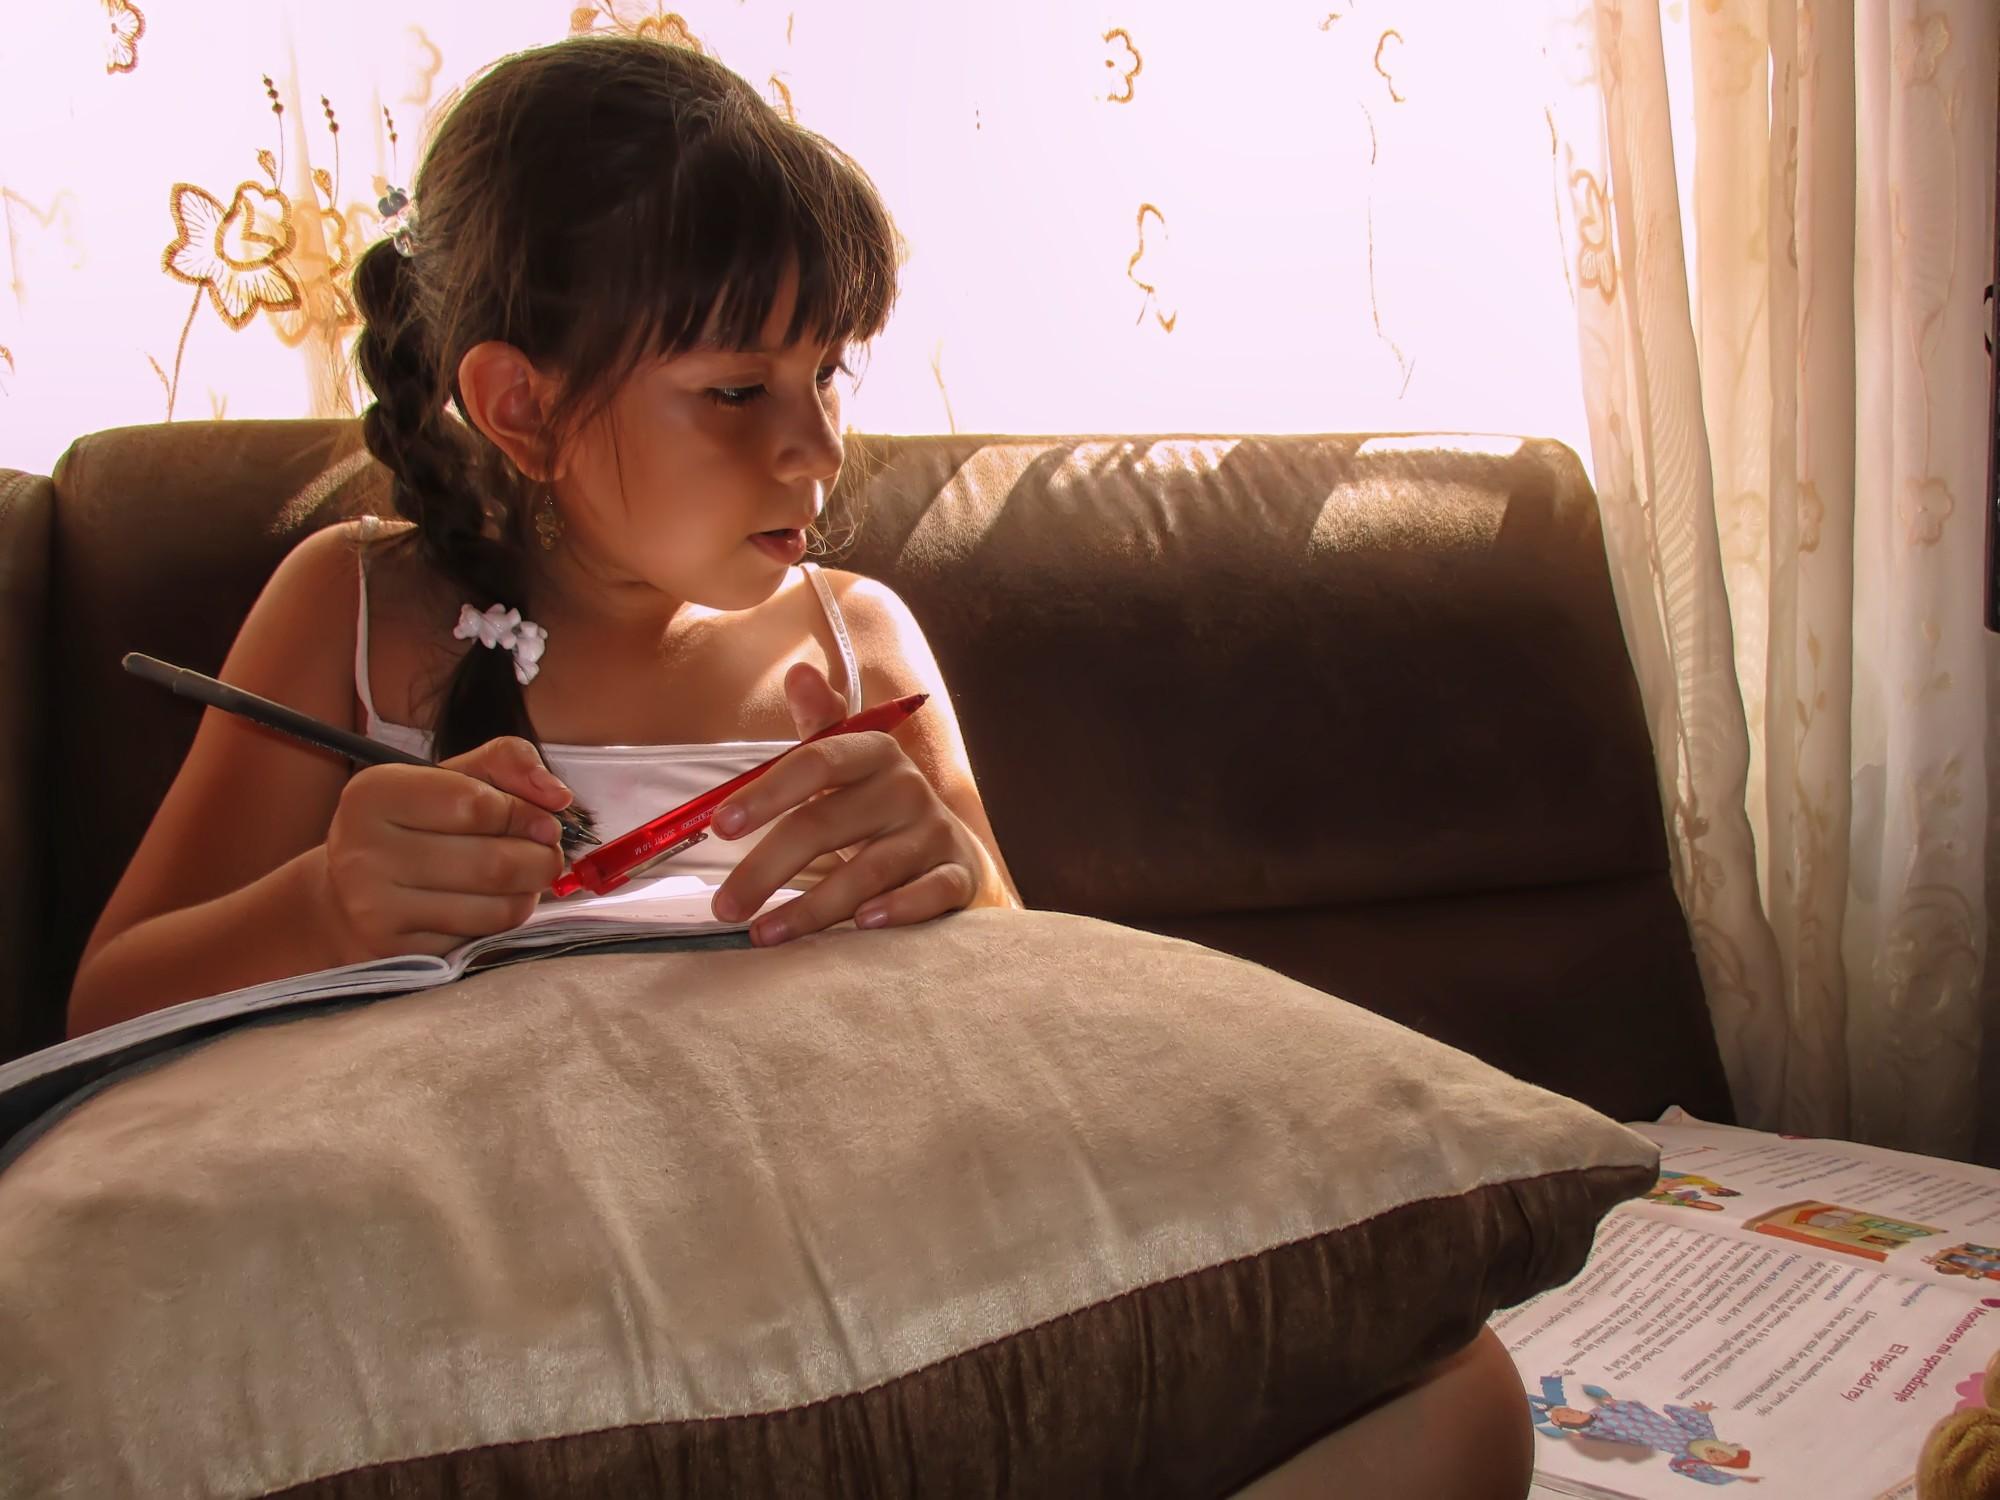 Child Studying Math